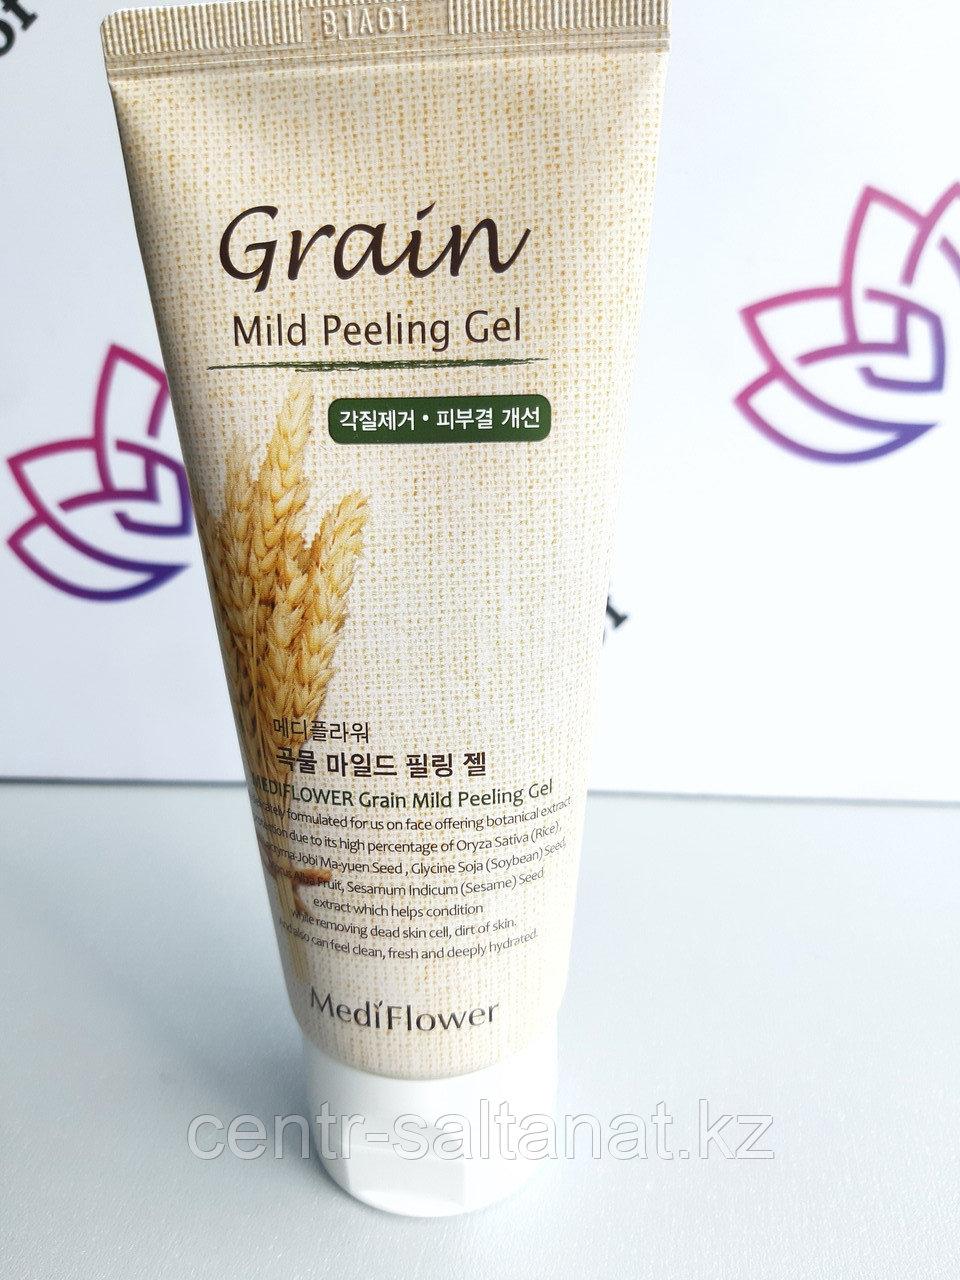 Пилинг гель со злаками Grain Mild Peeling Gel 100 мл